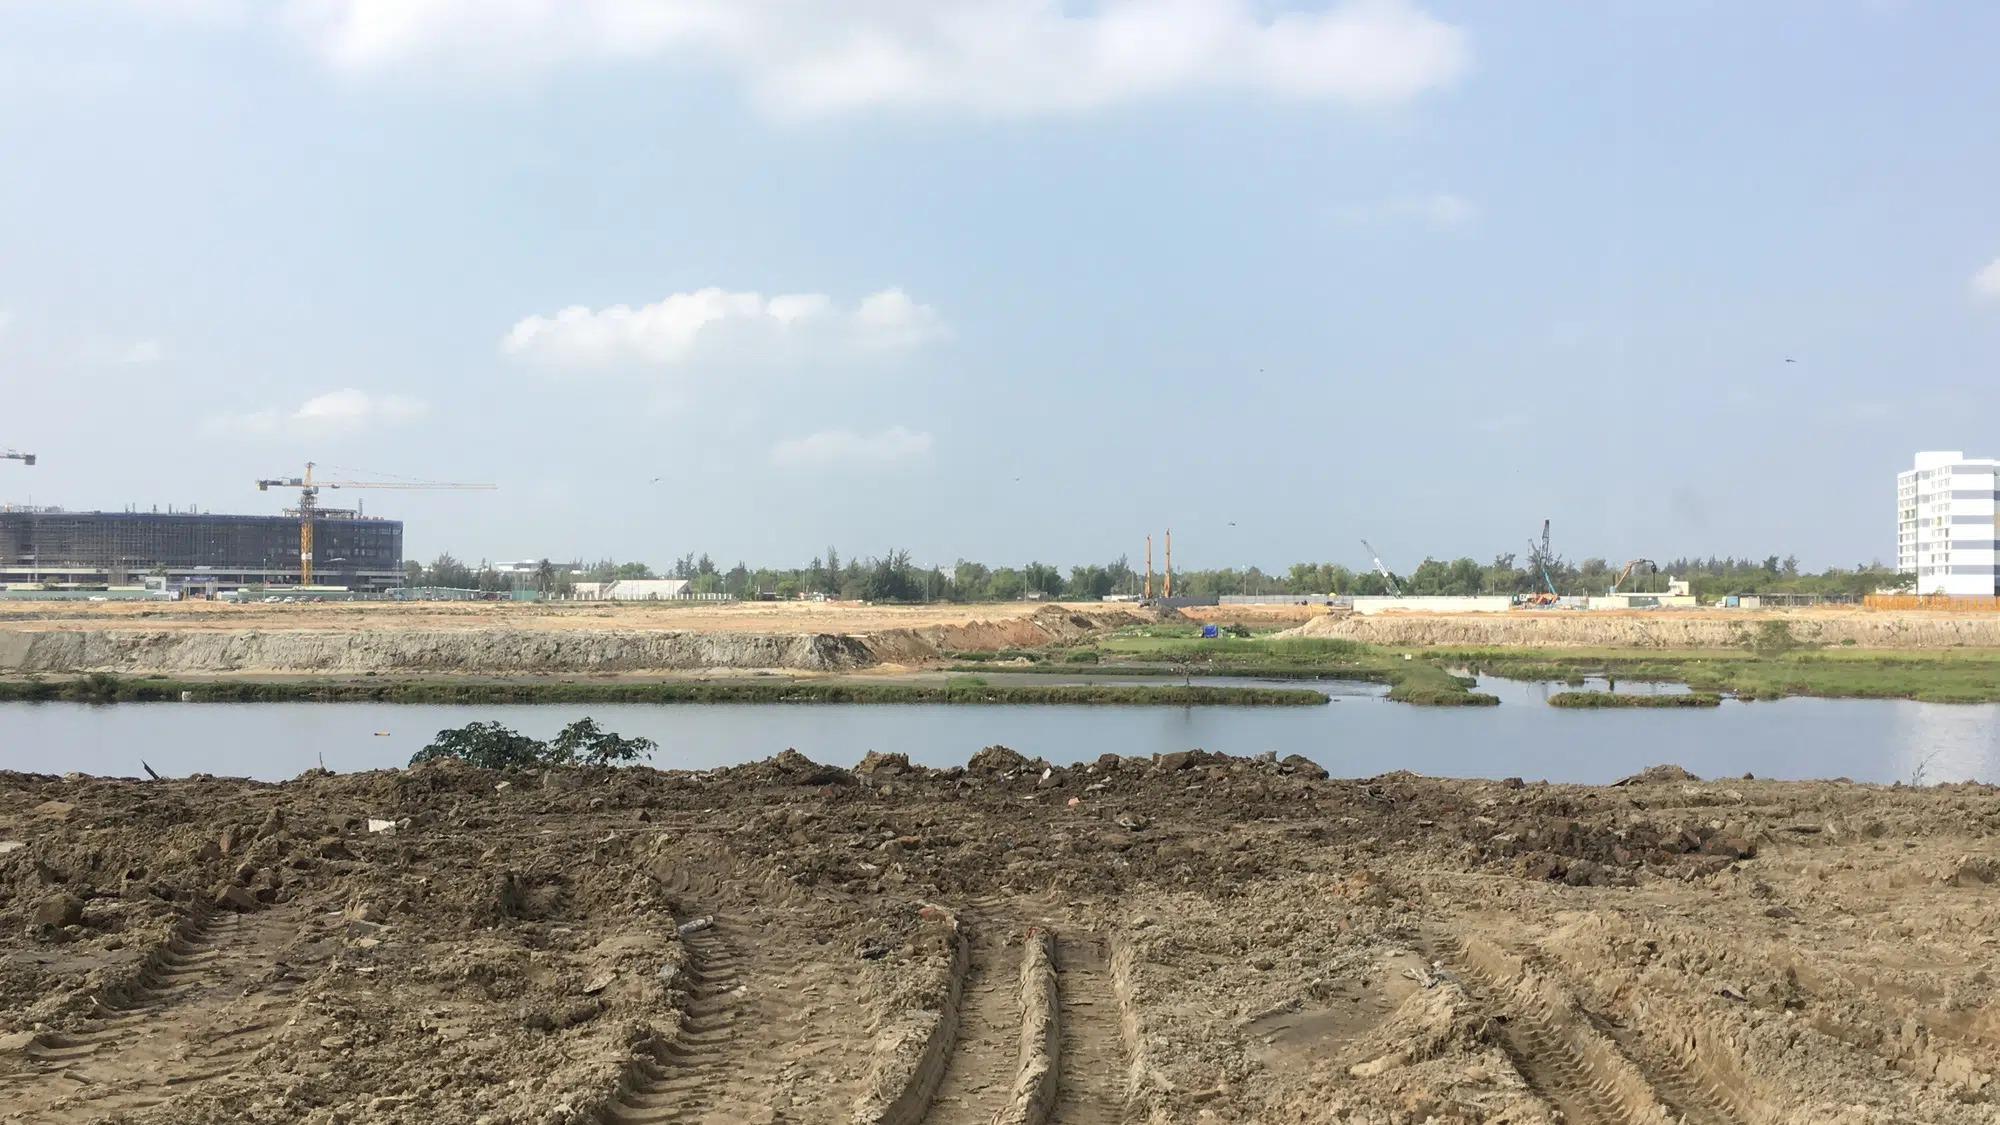 Khu đất tại KCN Đà Nẵng mà FPT sẽ chuyển mục đích sử dụng đất, xây dựng chung cư cao cấp có vị trí gần Vincom, gần biển Mỹ Khê - Ảnh 16.